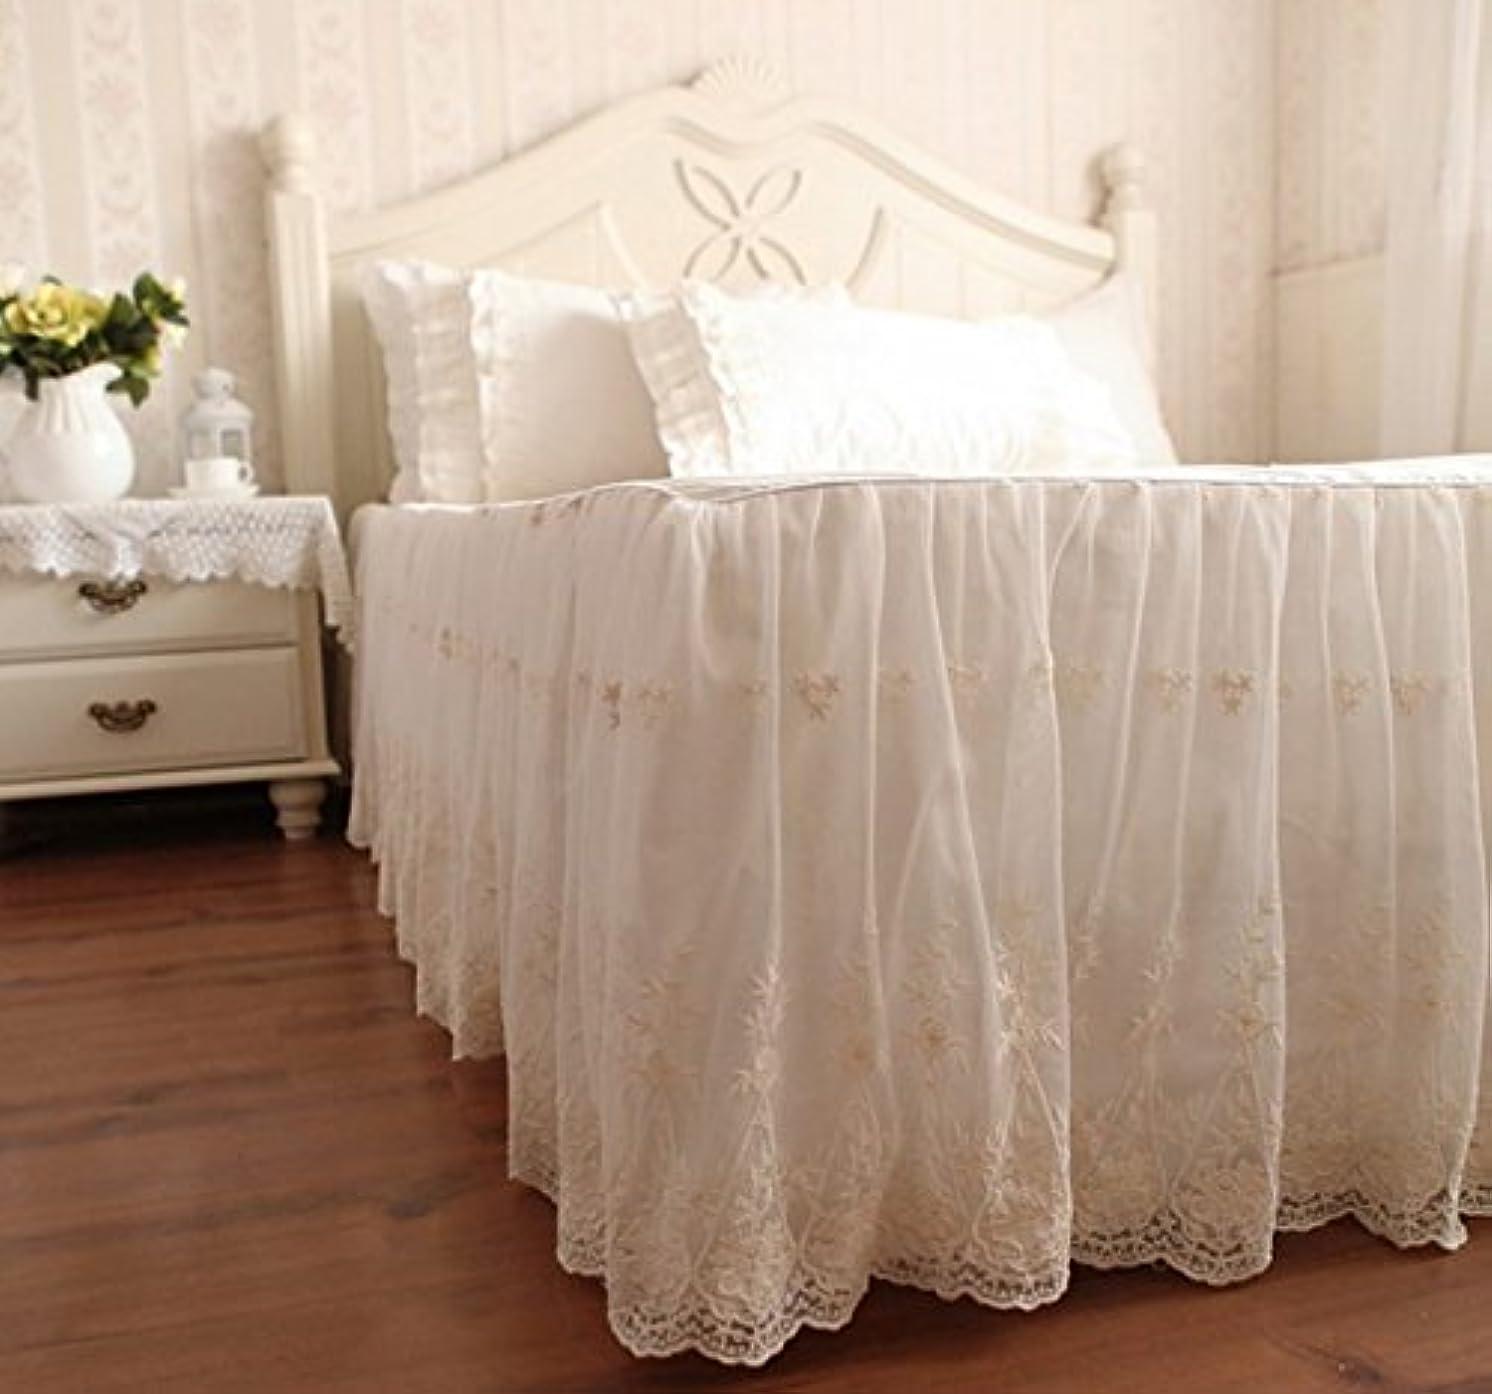 求める征服する活気づくベッドスカート 綿100% スカート部分が二層 外層がシフォン 刺繍模様 アイボリー (クイーン)